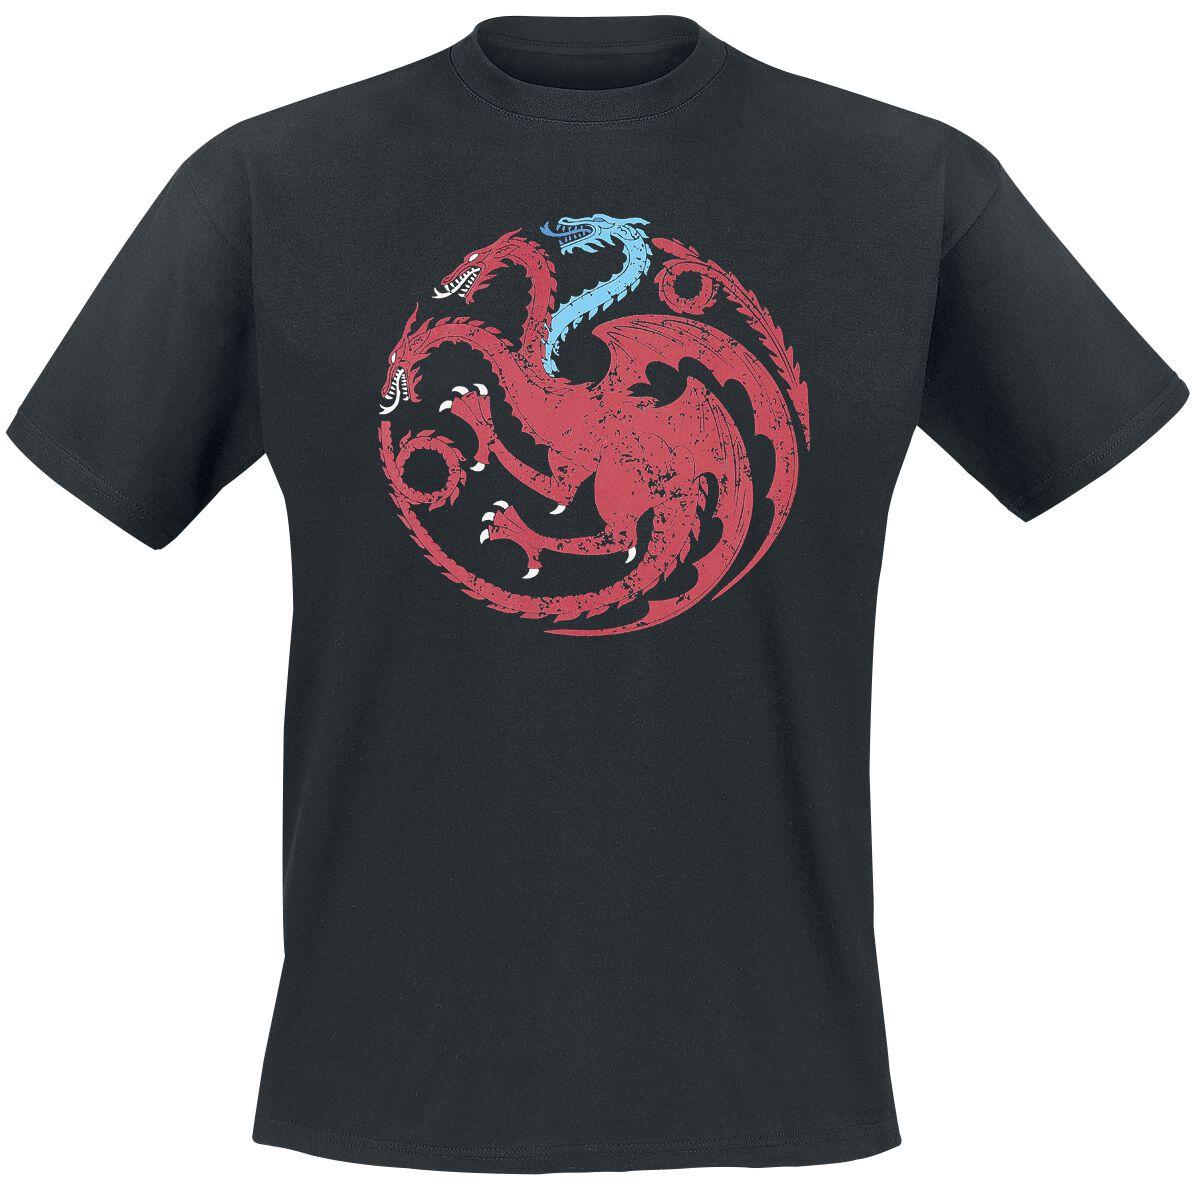 Image of   Game Of Thrones Targaryen - Viserion T-Shirt sort